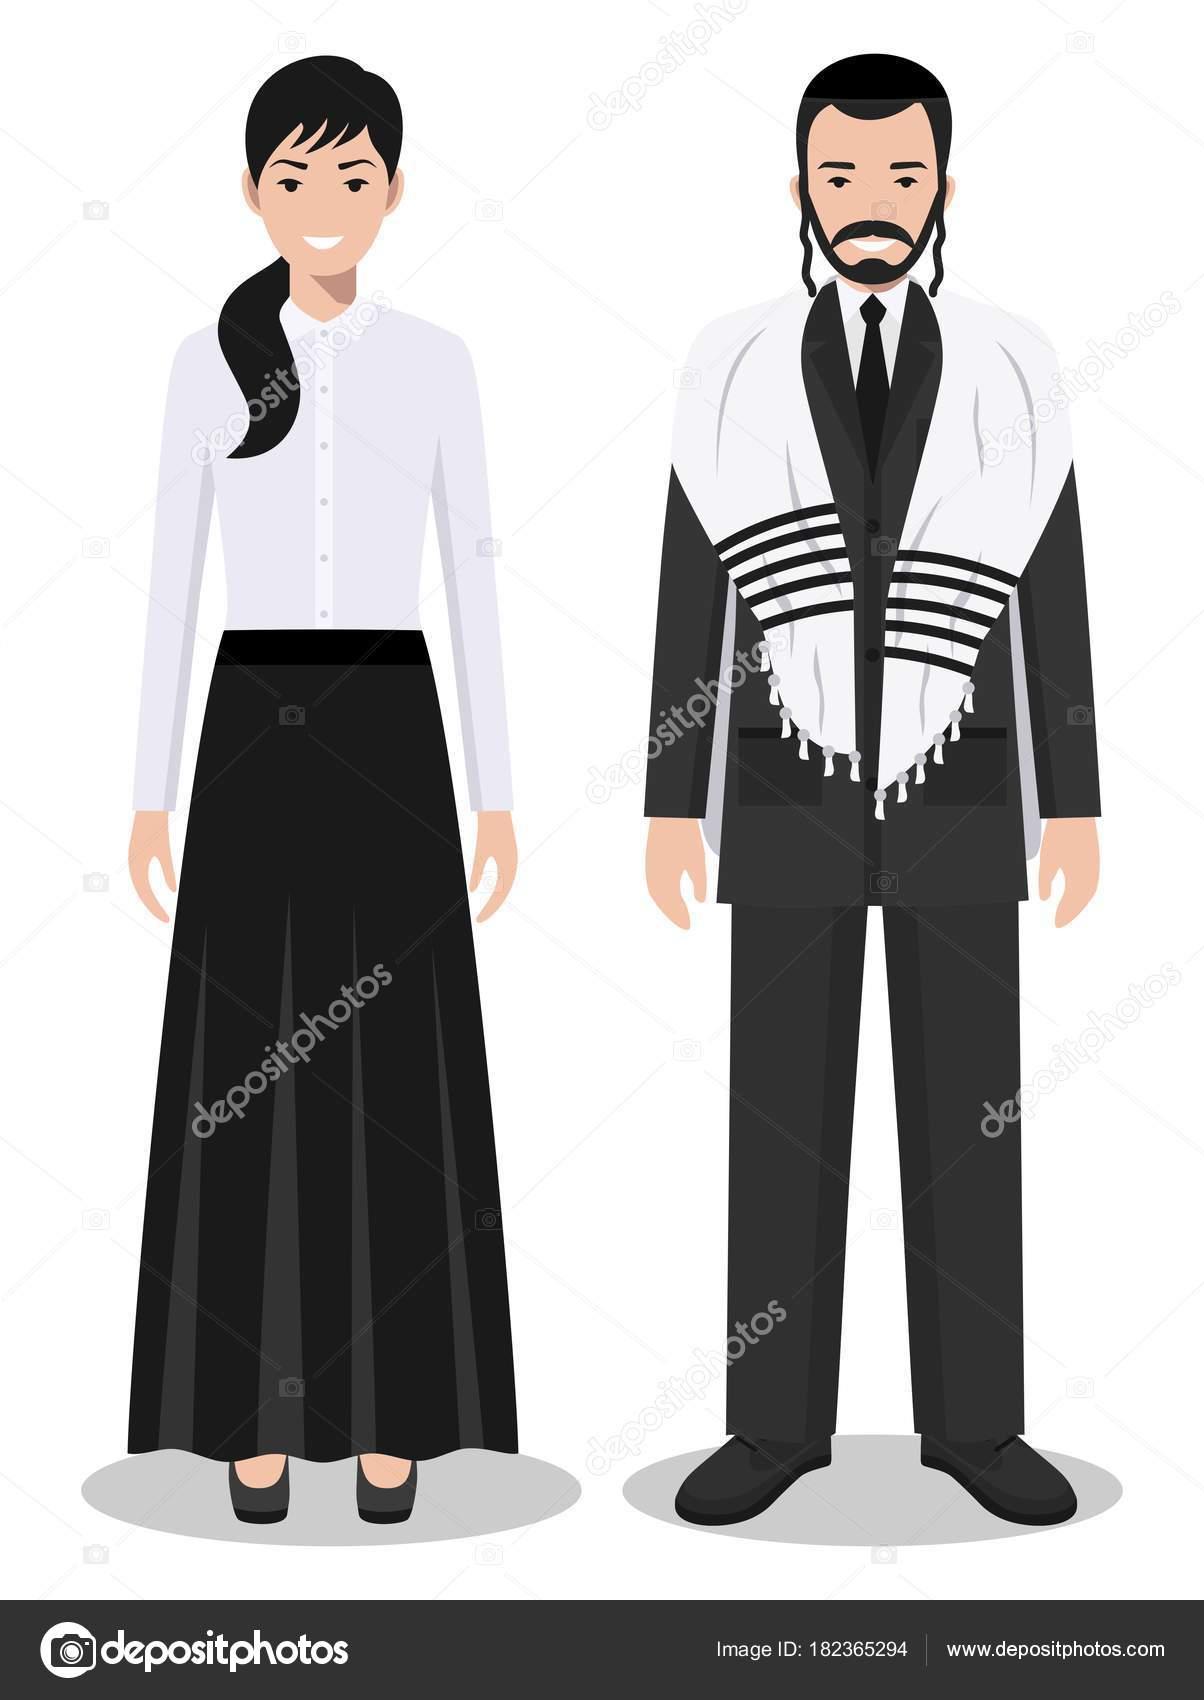 Mujer De Judío En La Juntos Conjunto Vestimenta Pie Y Hombre 8OvnwNm0